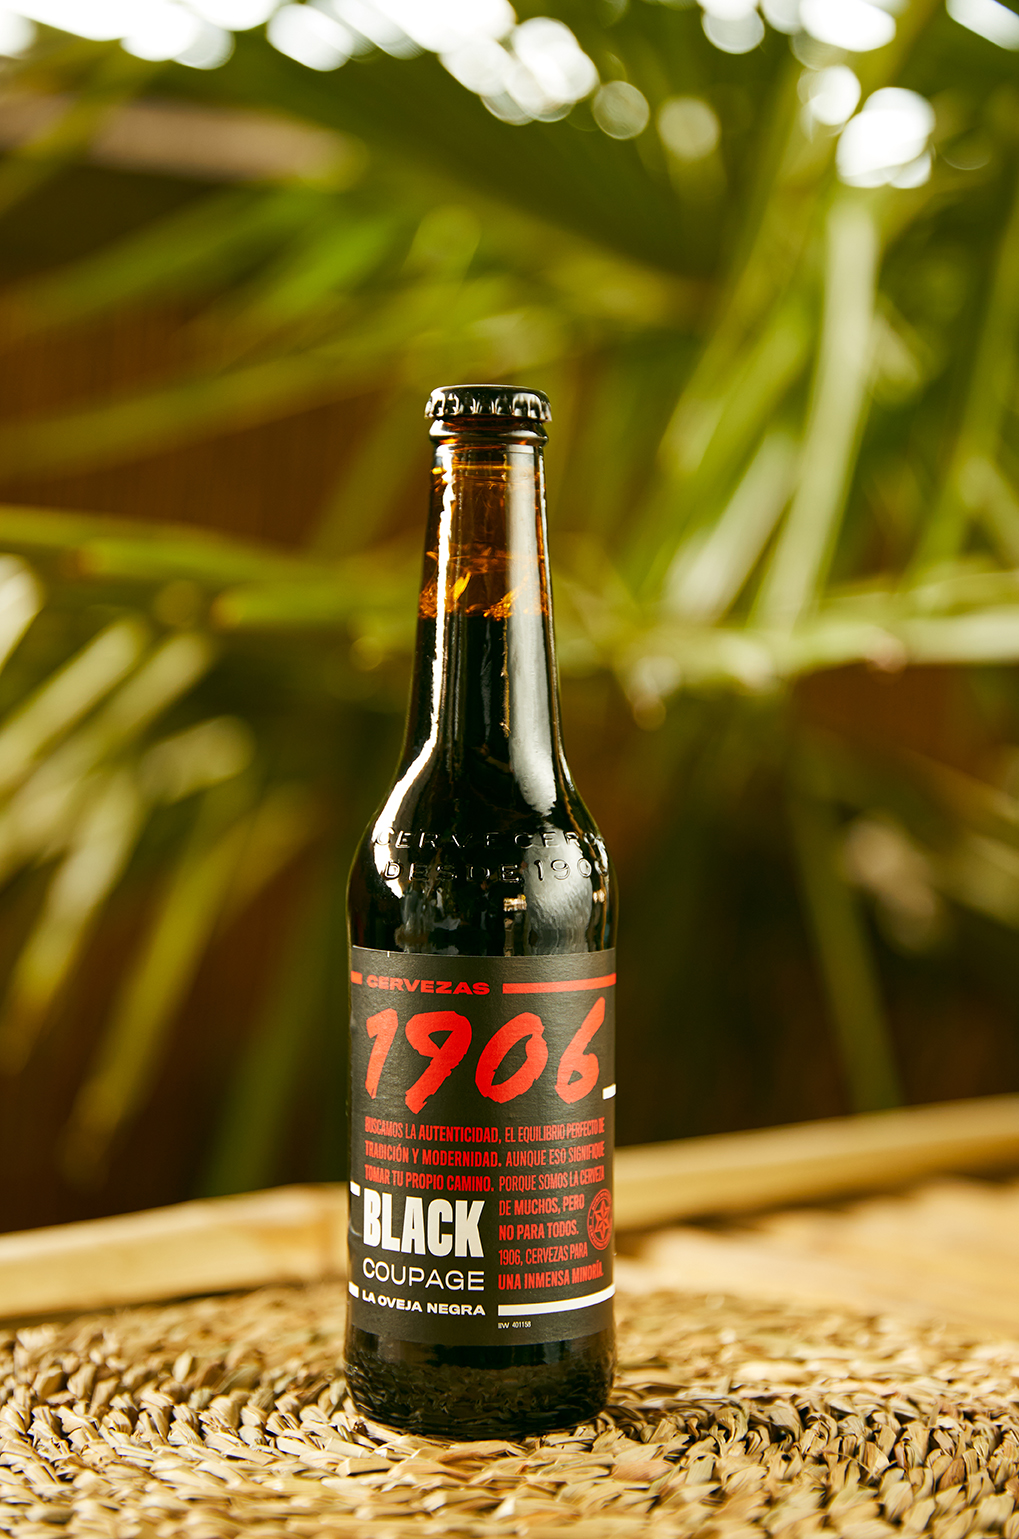 1906 BLACK